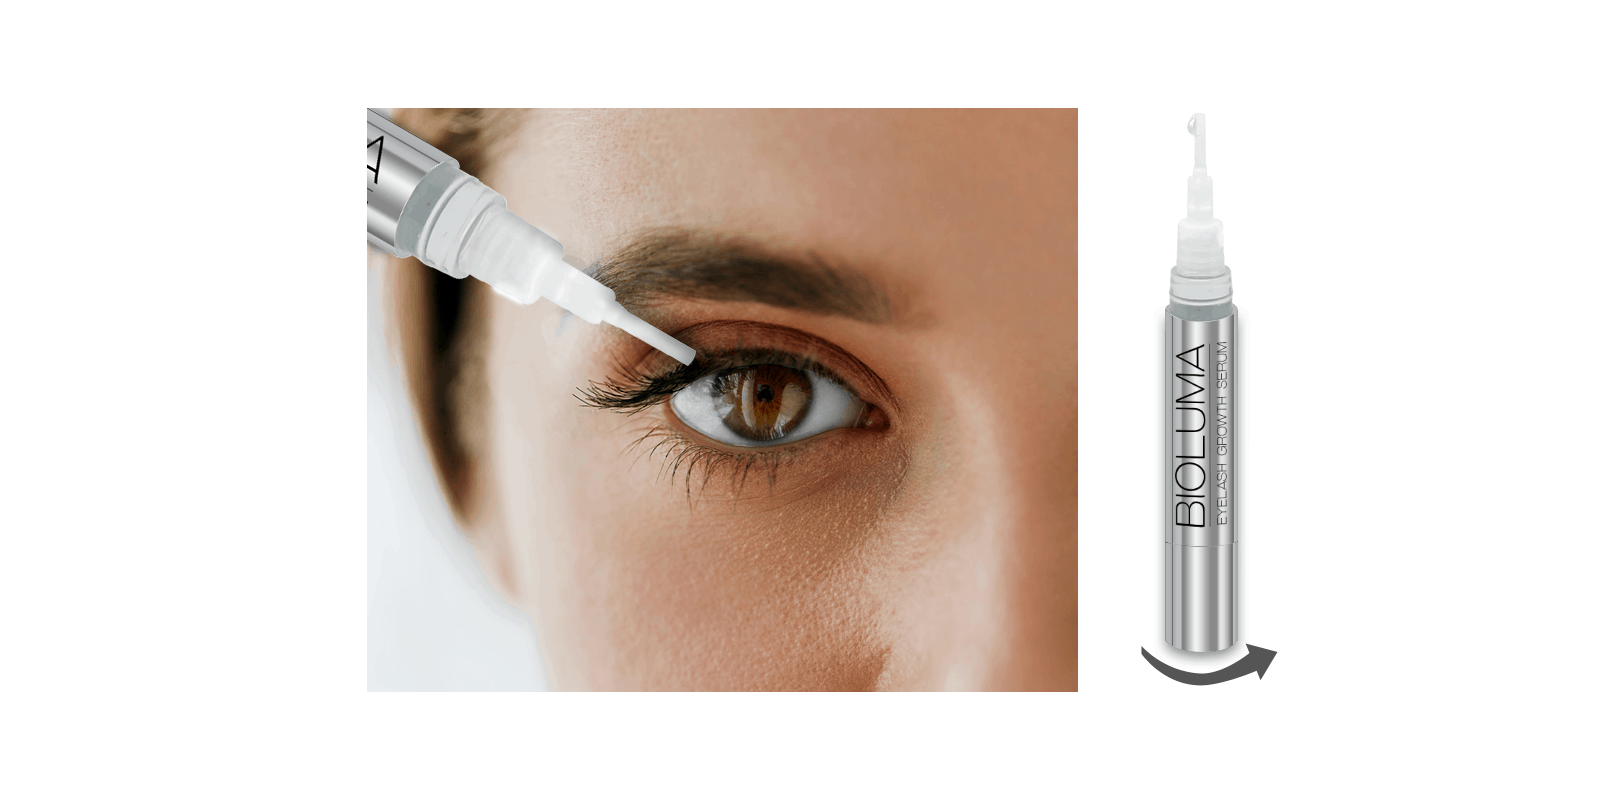 Bioluma Eyelash growth serum side effects